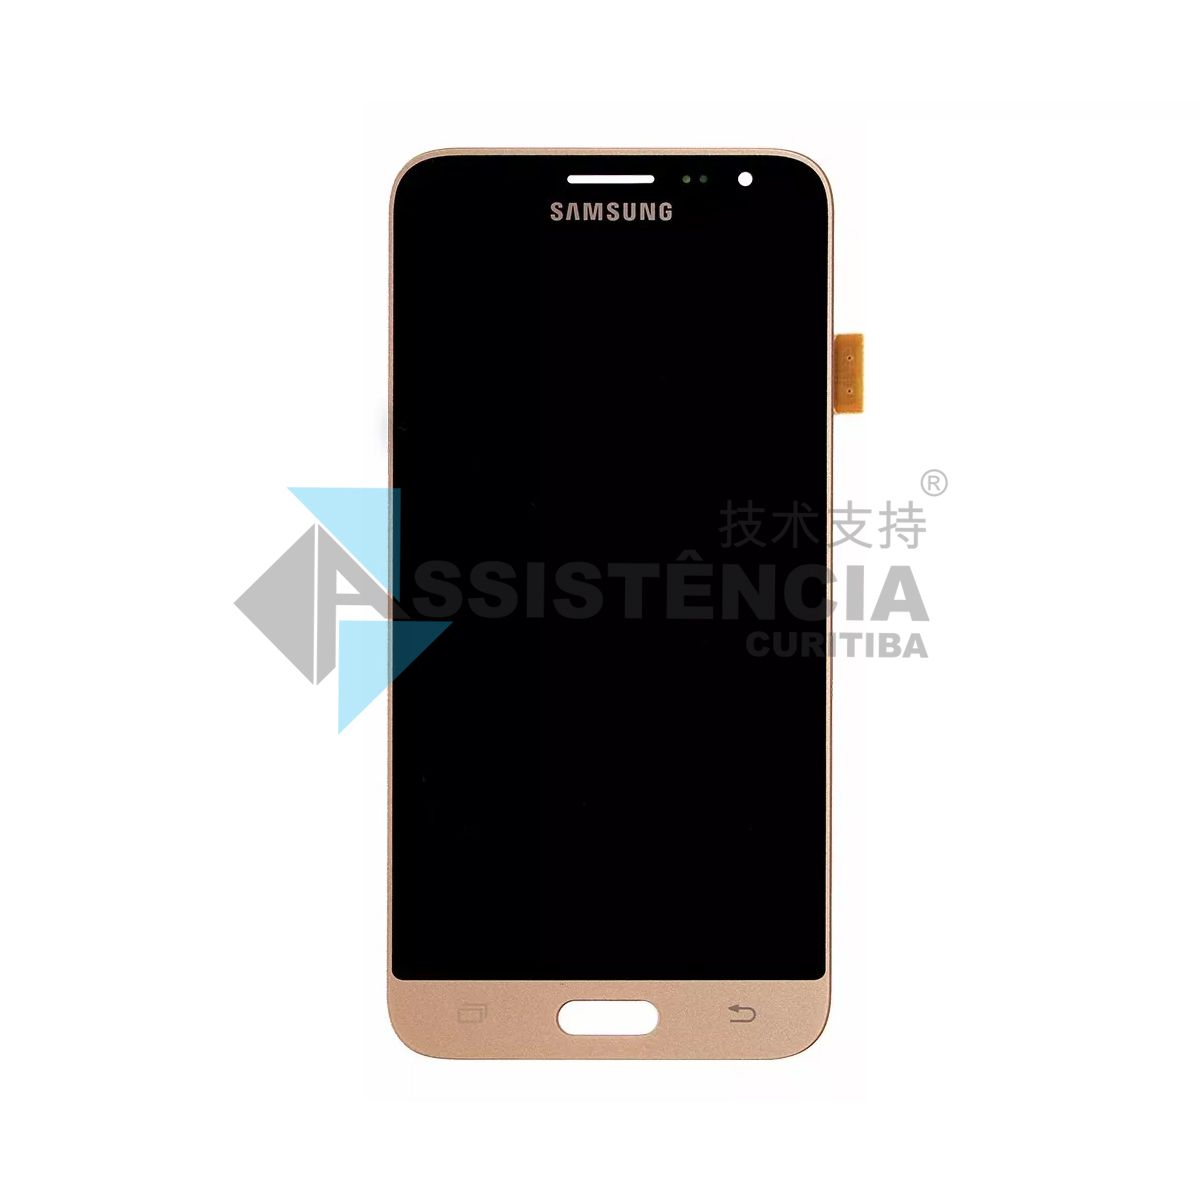 Tela Display Samsung Galaxy J3 J320 Sm-J320 2016 Original Dourado